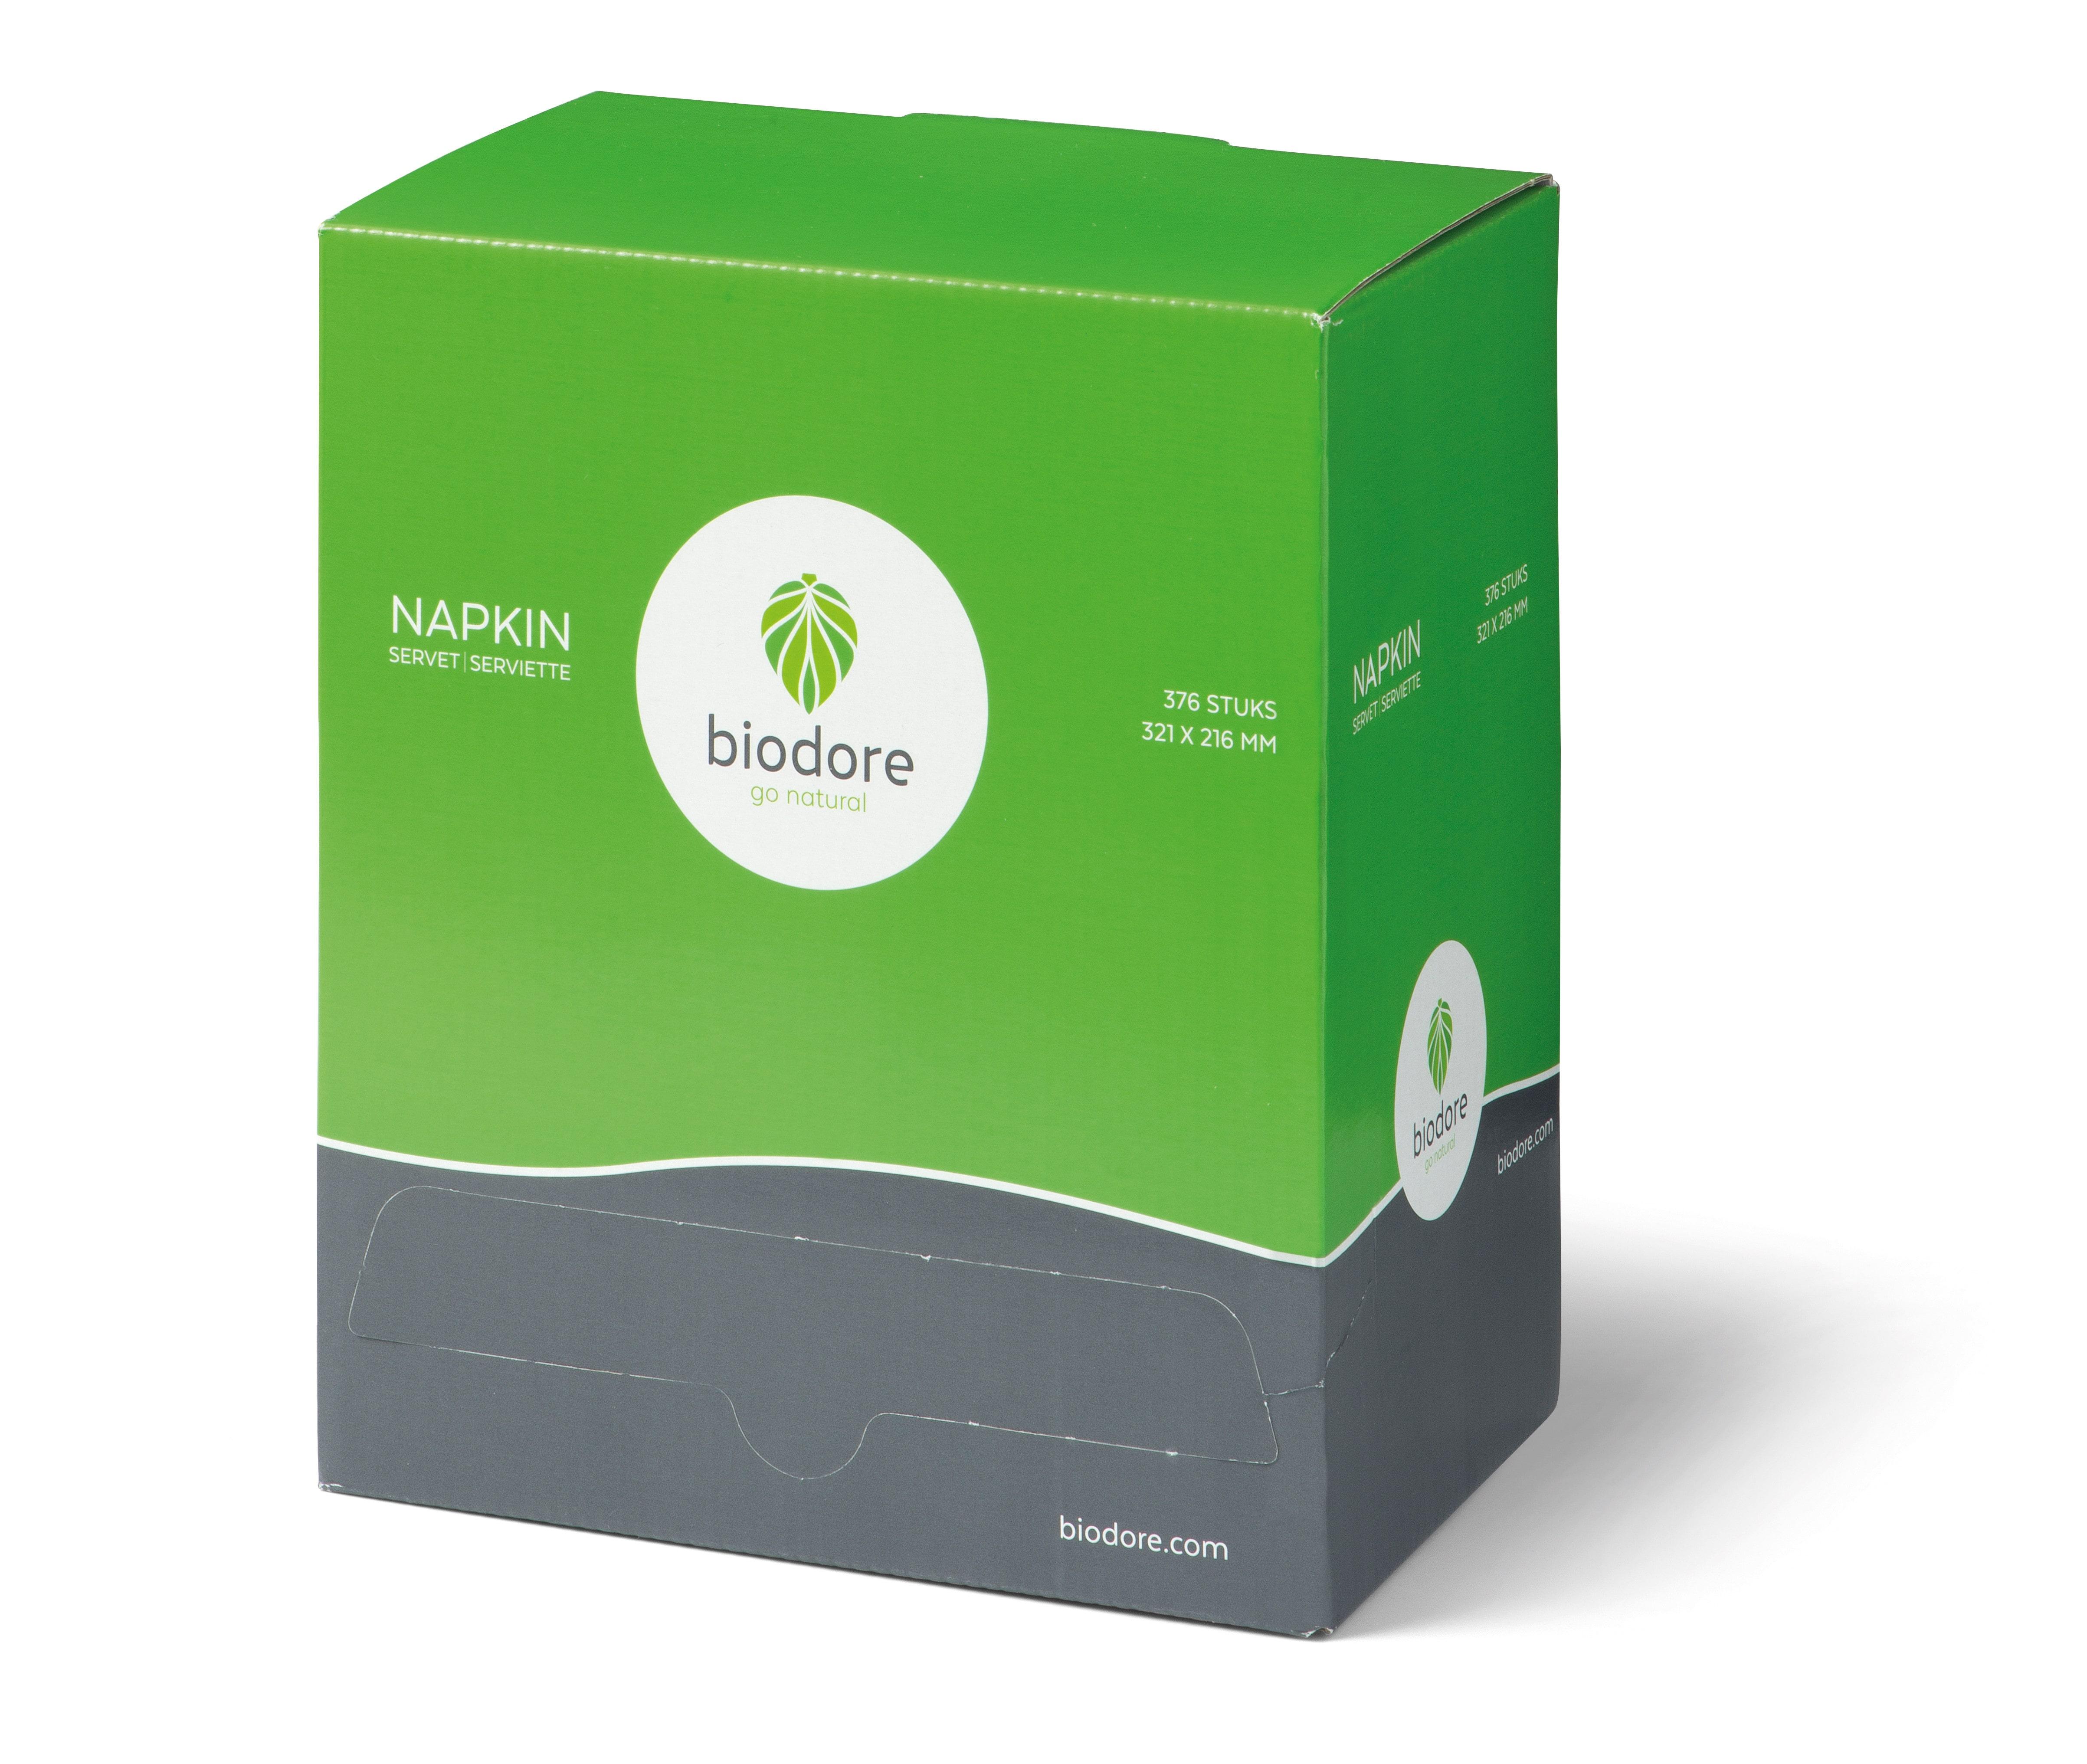 Biodore papieren servetten dispenserdoos 18 x 376 stuks